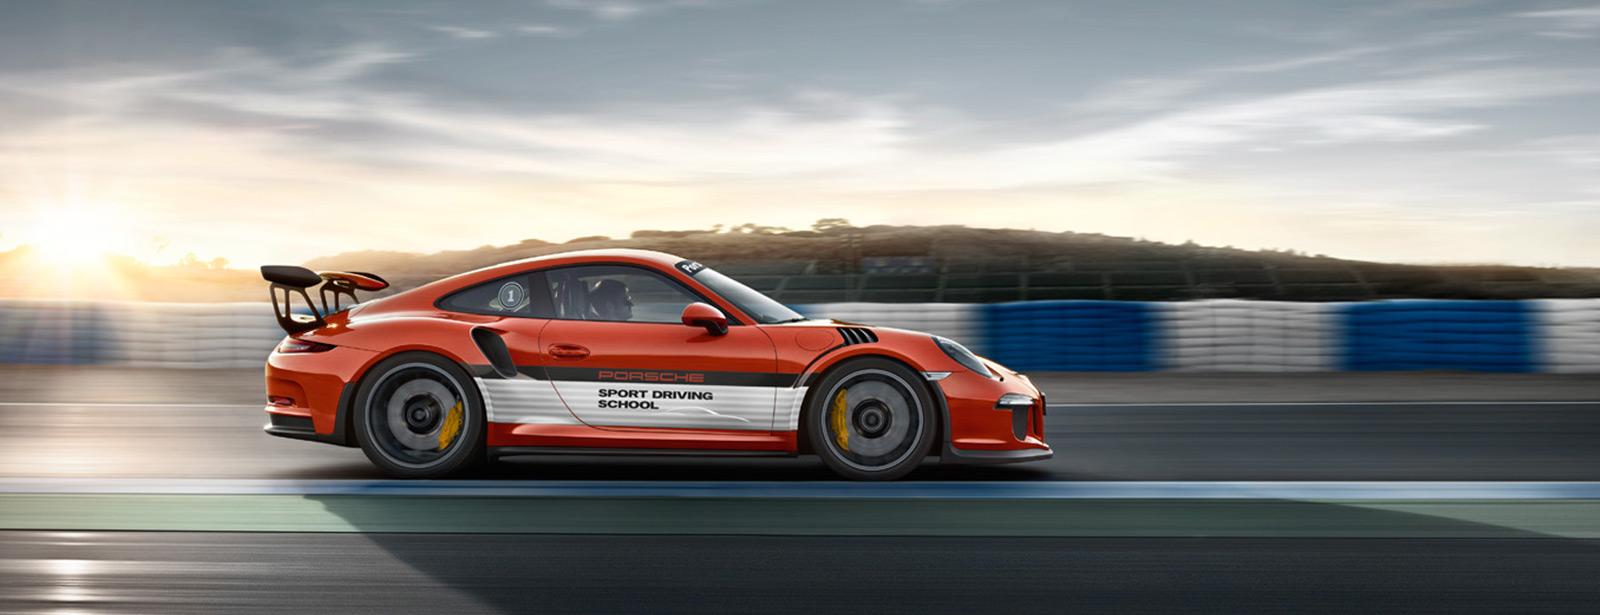 Porsche Sport Driving School Australia Porsche Australia